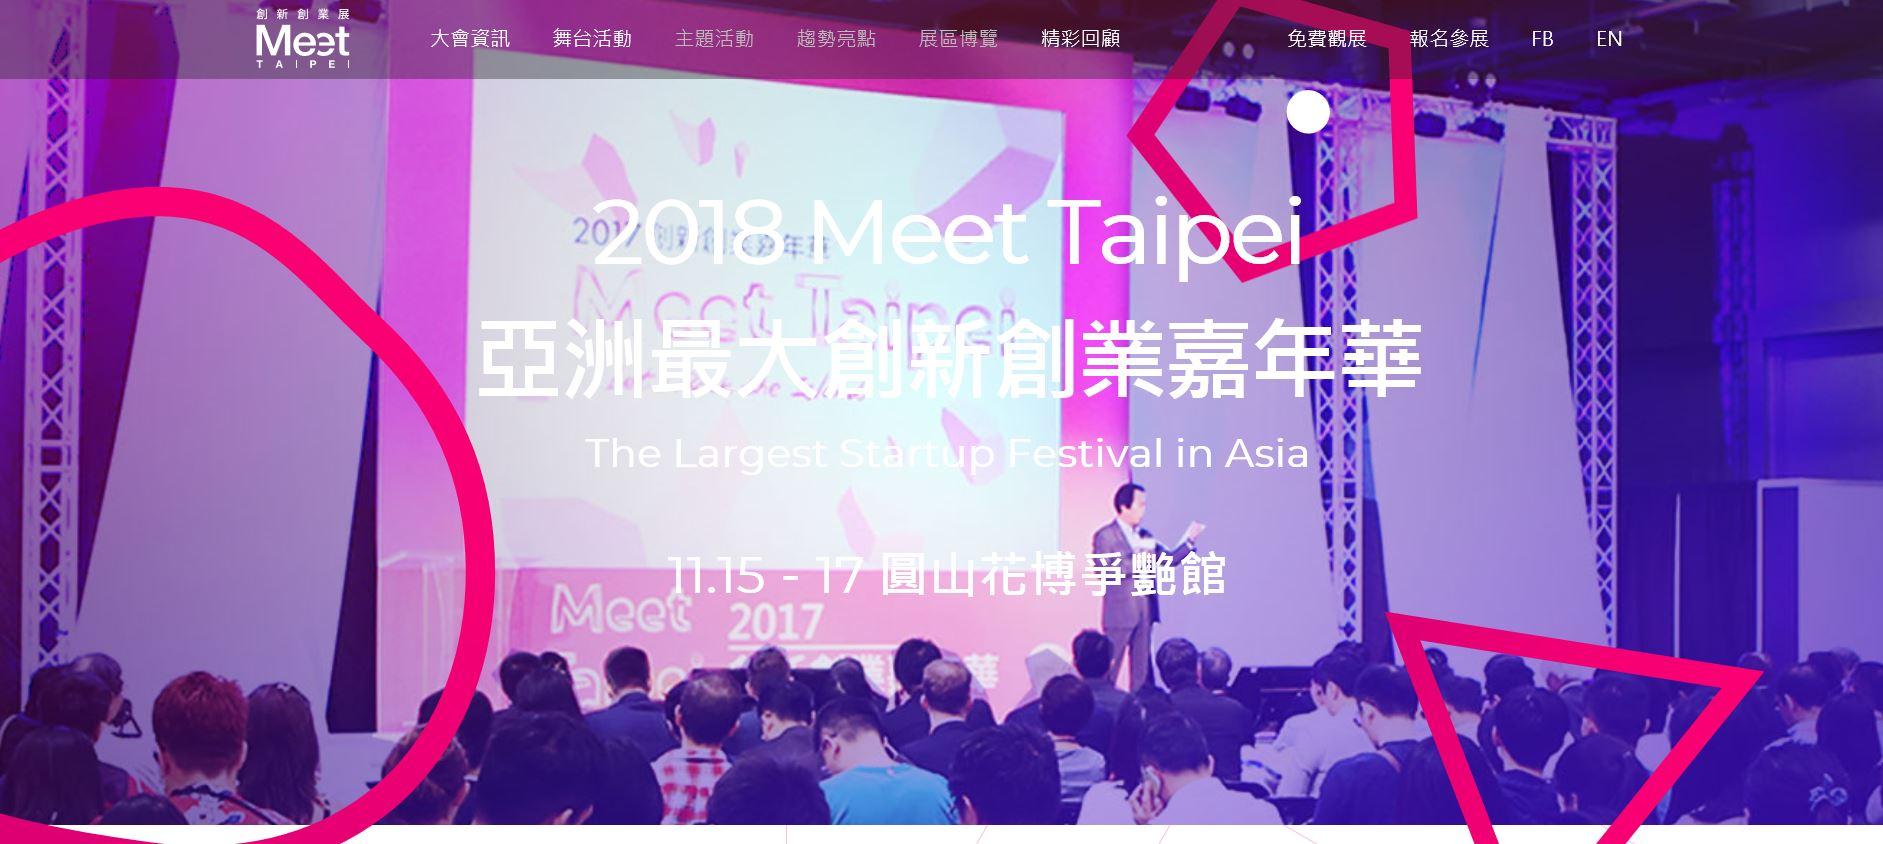 主題圖-2018 Meet Taipei亞洲最大創新創業嘉年華